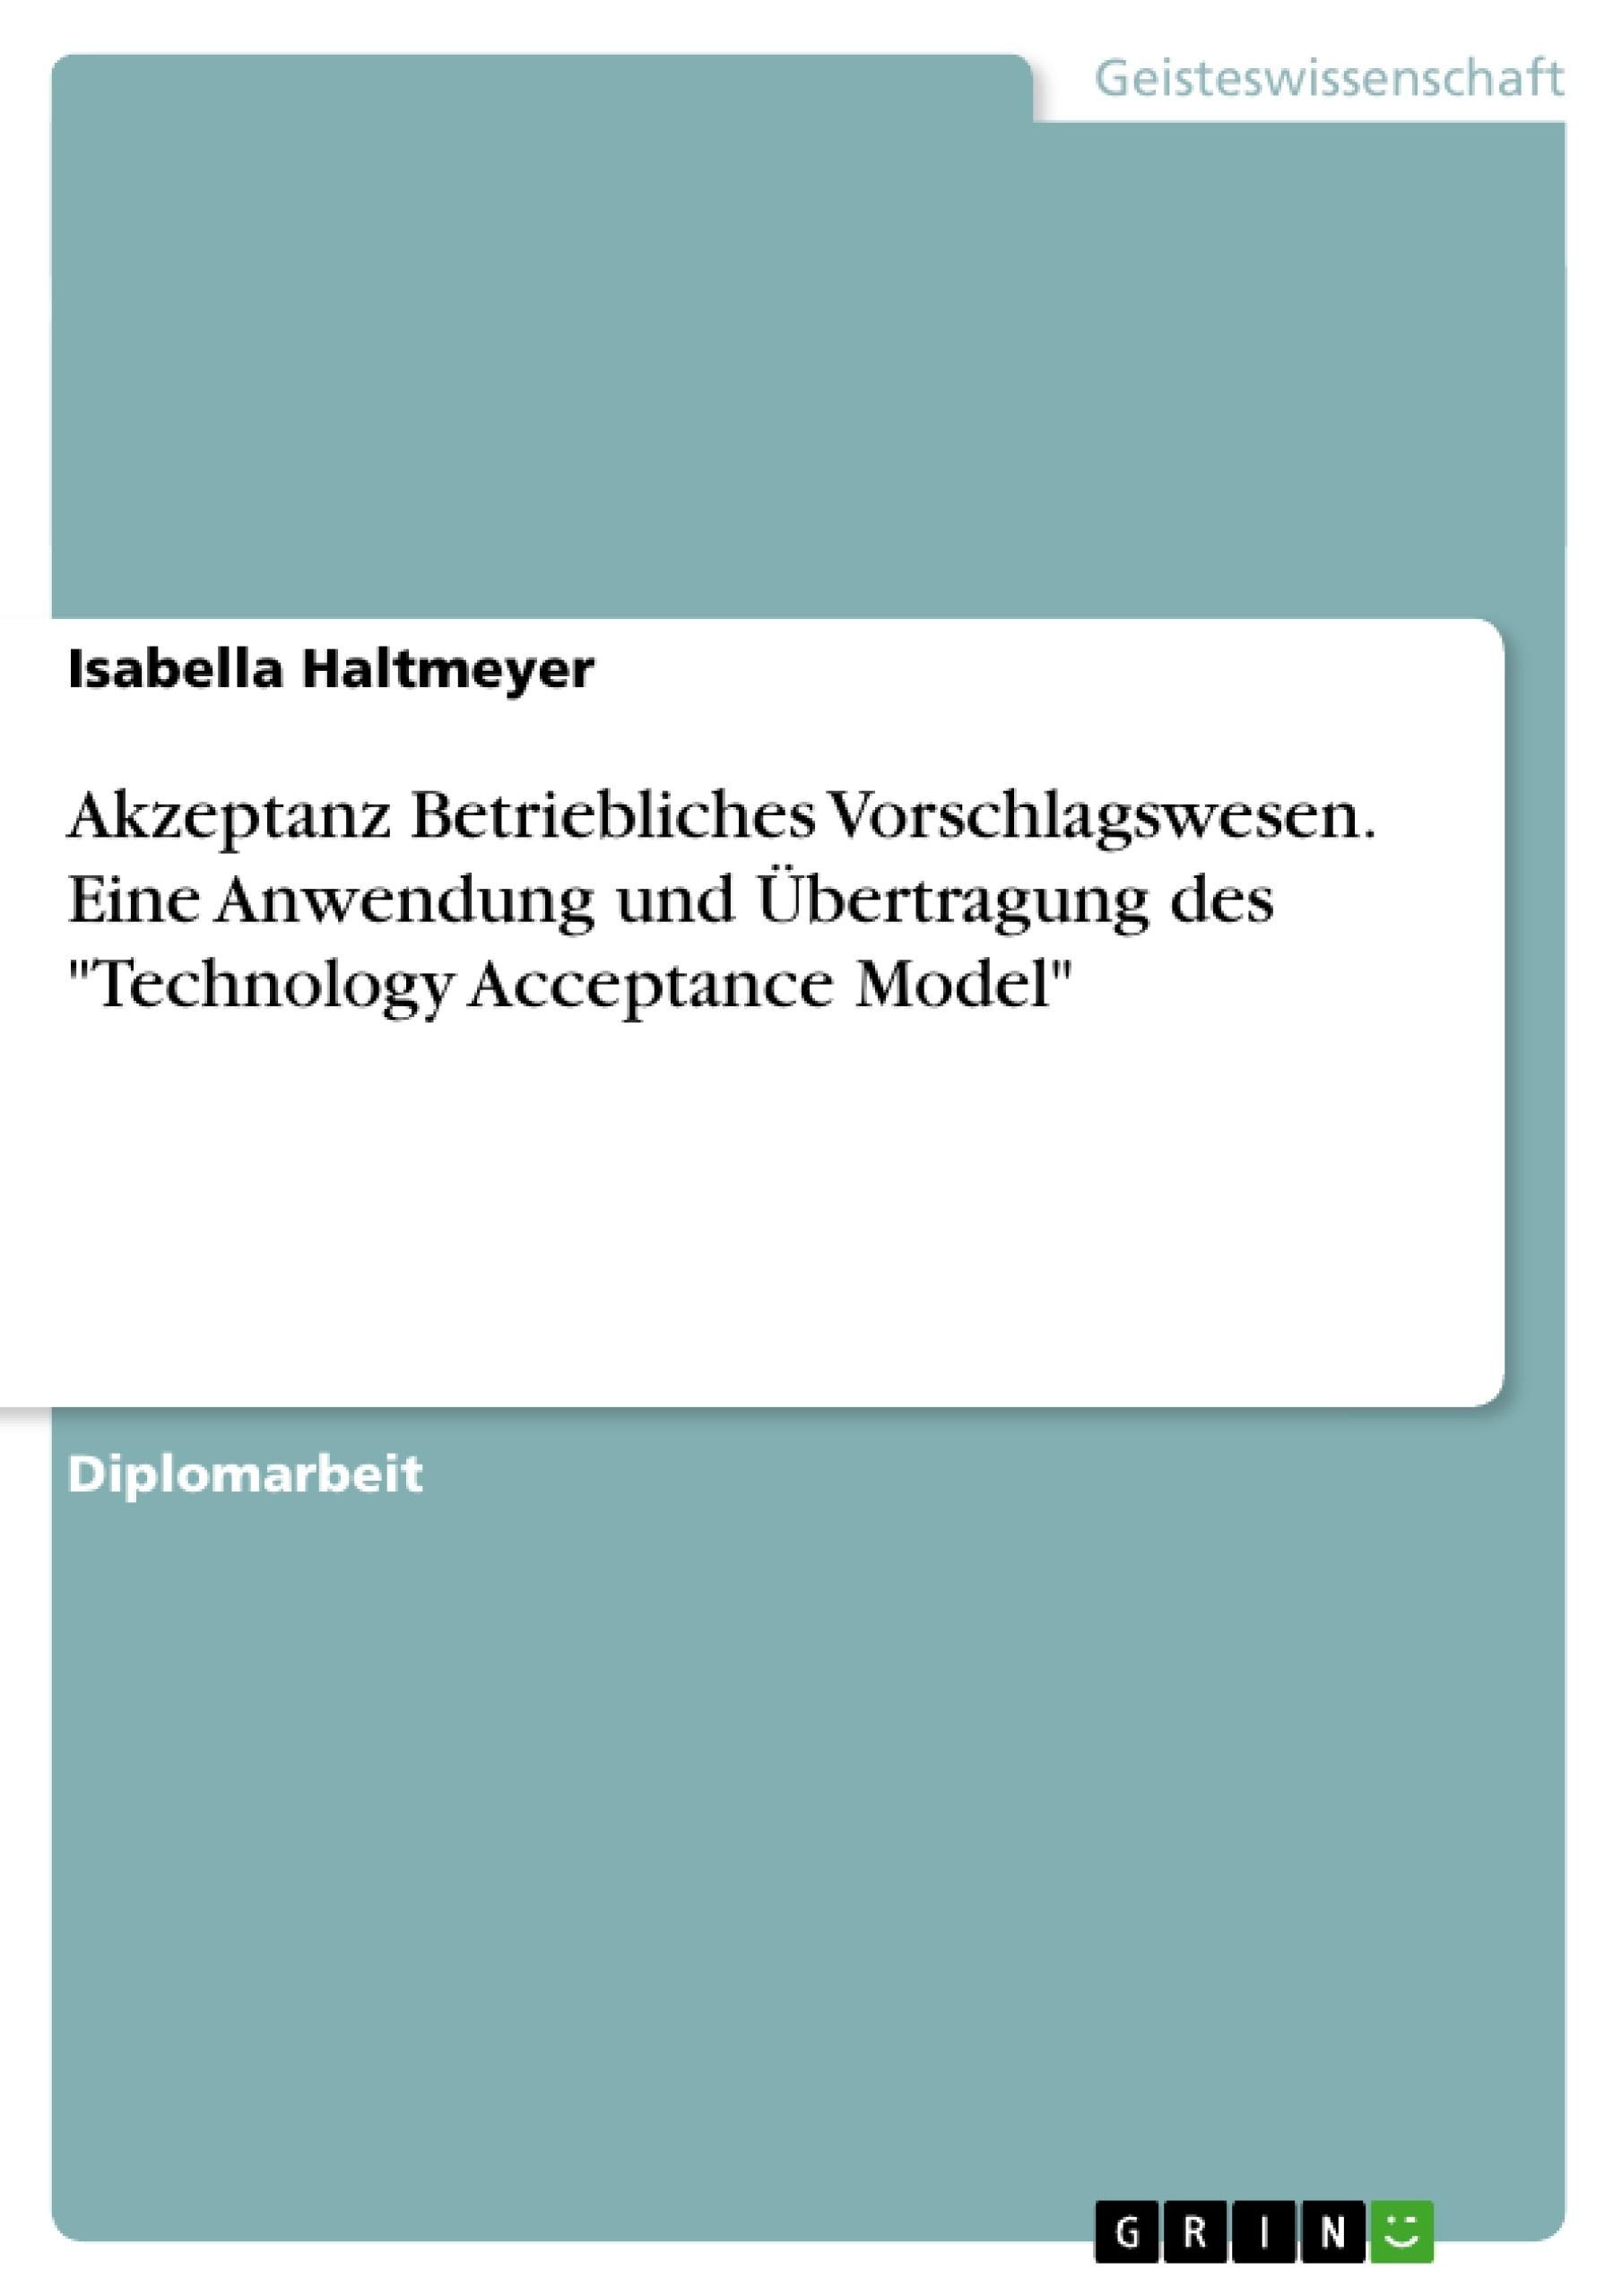 """Titel: Akzeptanz Betriebliches Vorschlagswesen. Eine Anwendung und Übertragung des """"Technology Acceptance Model"""""""